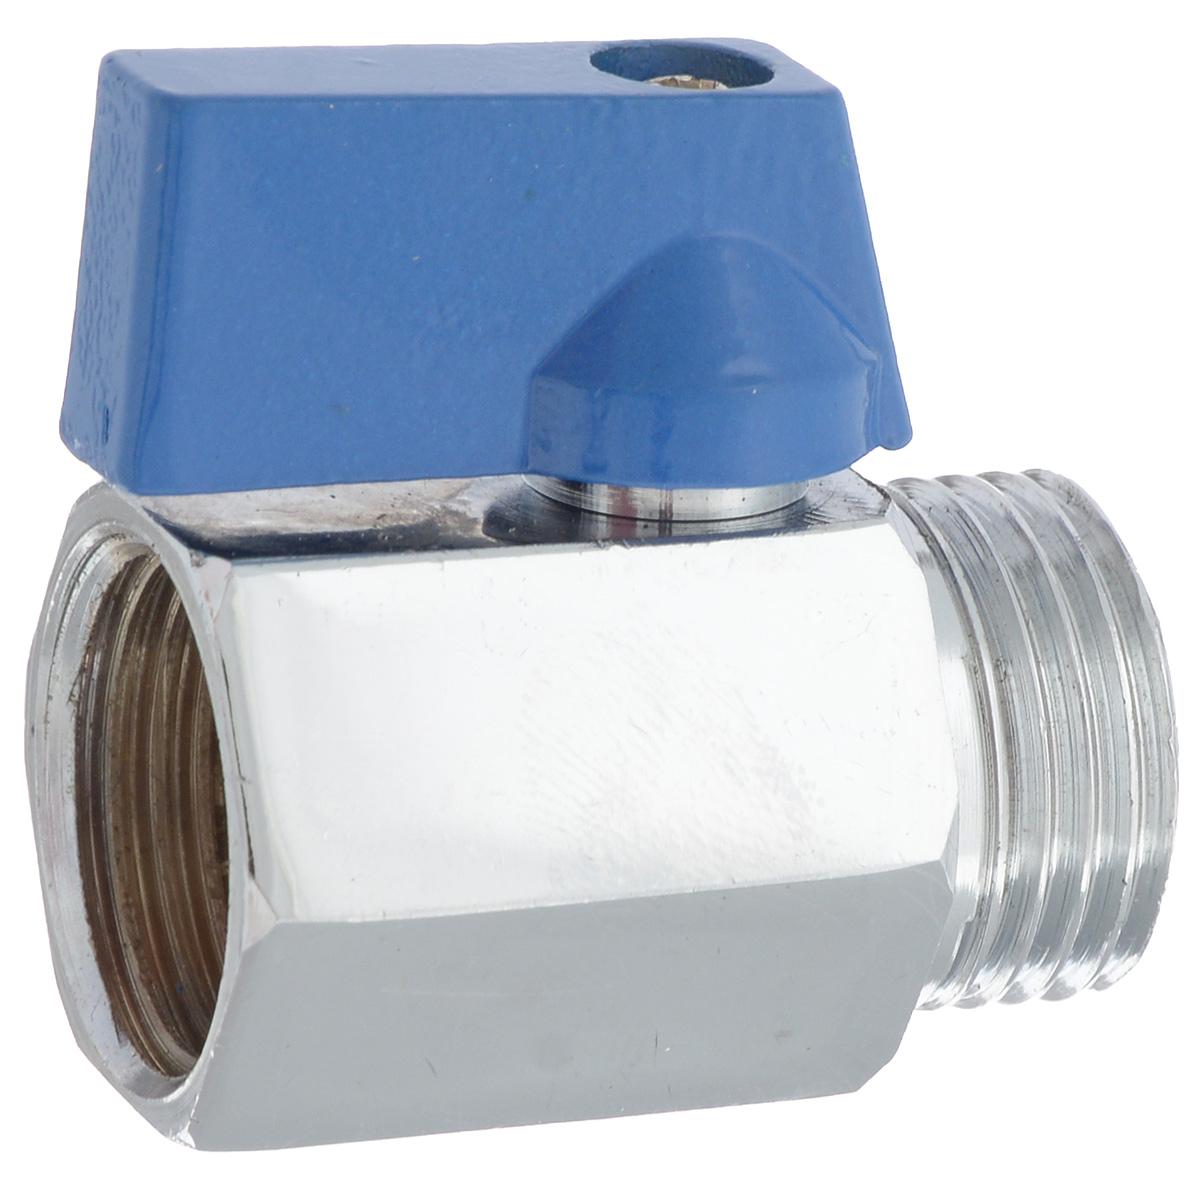 Кран шаровой миний U-tec Best, В - Н, 1/268/5/4Шаровой кран U-tec Best изготовлен из латуни и предназначен для установки на трубопроводах в качестве запорного устройства. Используется при работе с водой или паром. Поворотный механизм крана имеет пластиковую ручку.